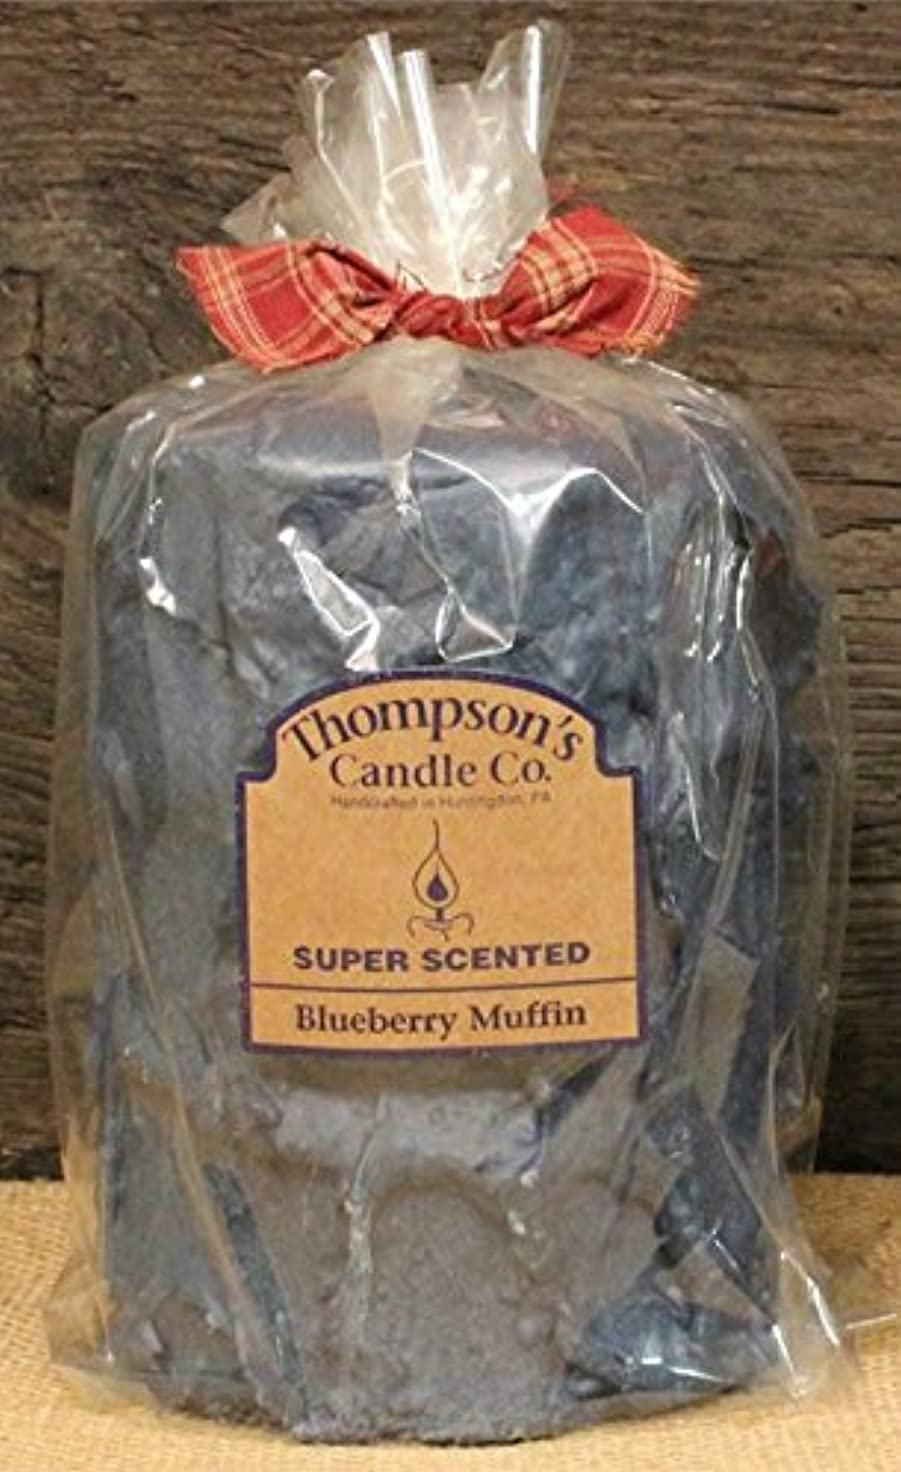 版メンテナンス情熱的トンプソンのCandle Coのスーパー香りつきLG ( 44 oz )ピラー200 Hrs